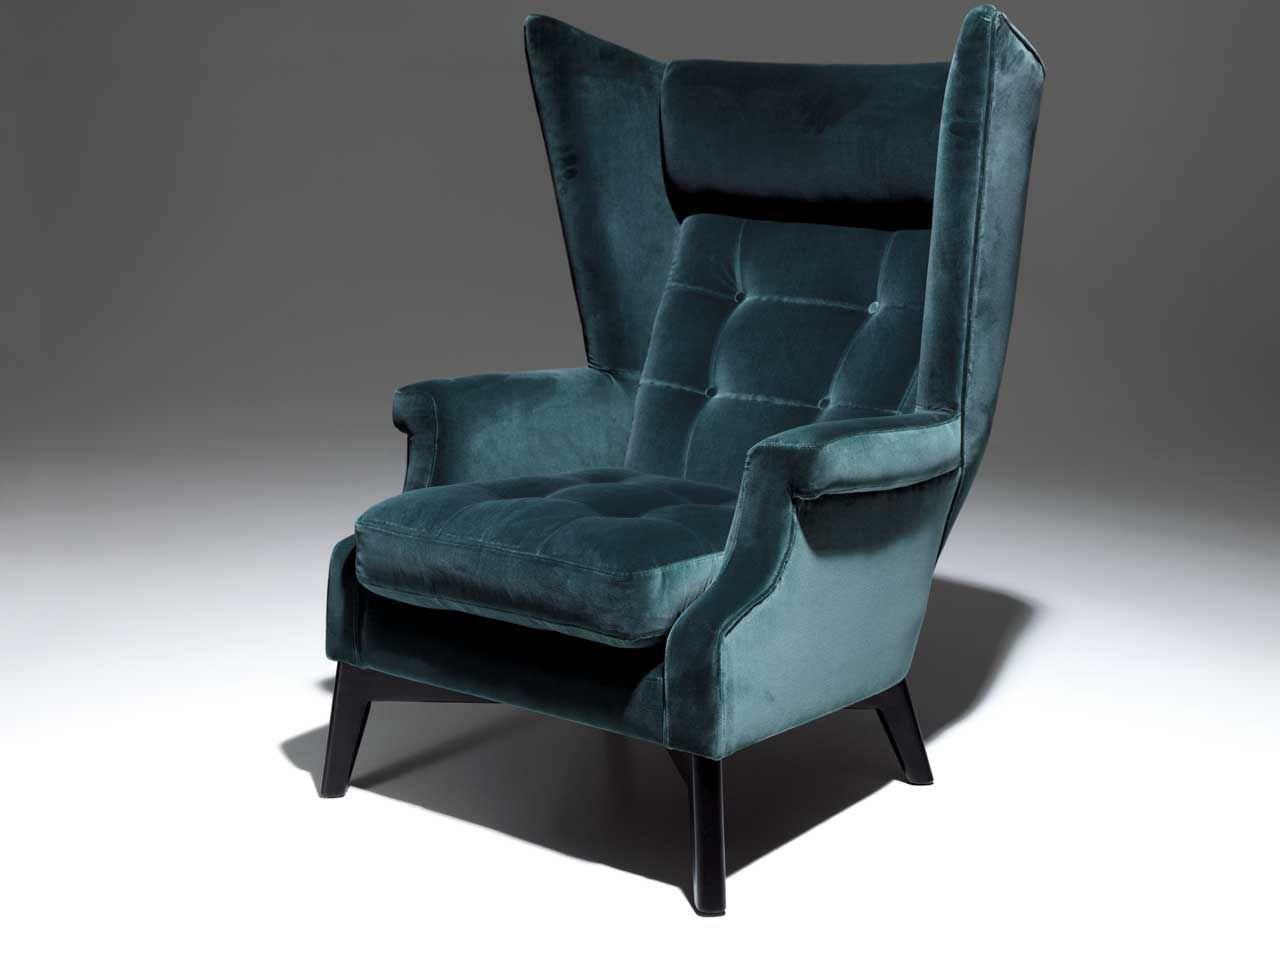 good tourdissant fauteuil oreilles design with fauteuil velours. Black Bedroom Furniture Sets. Home Design Ideas